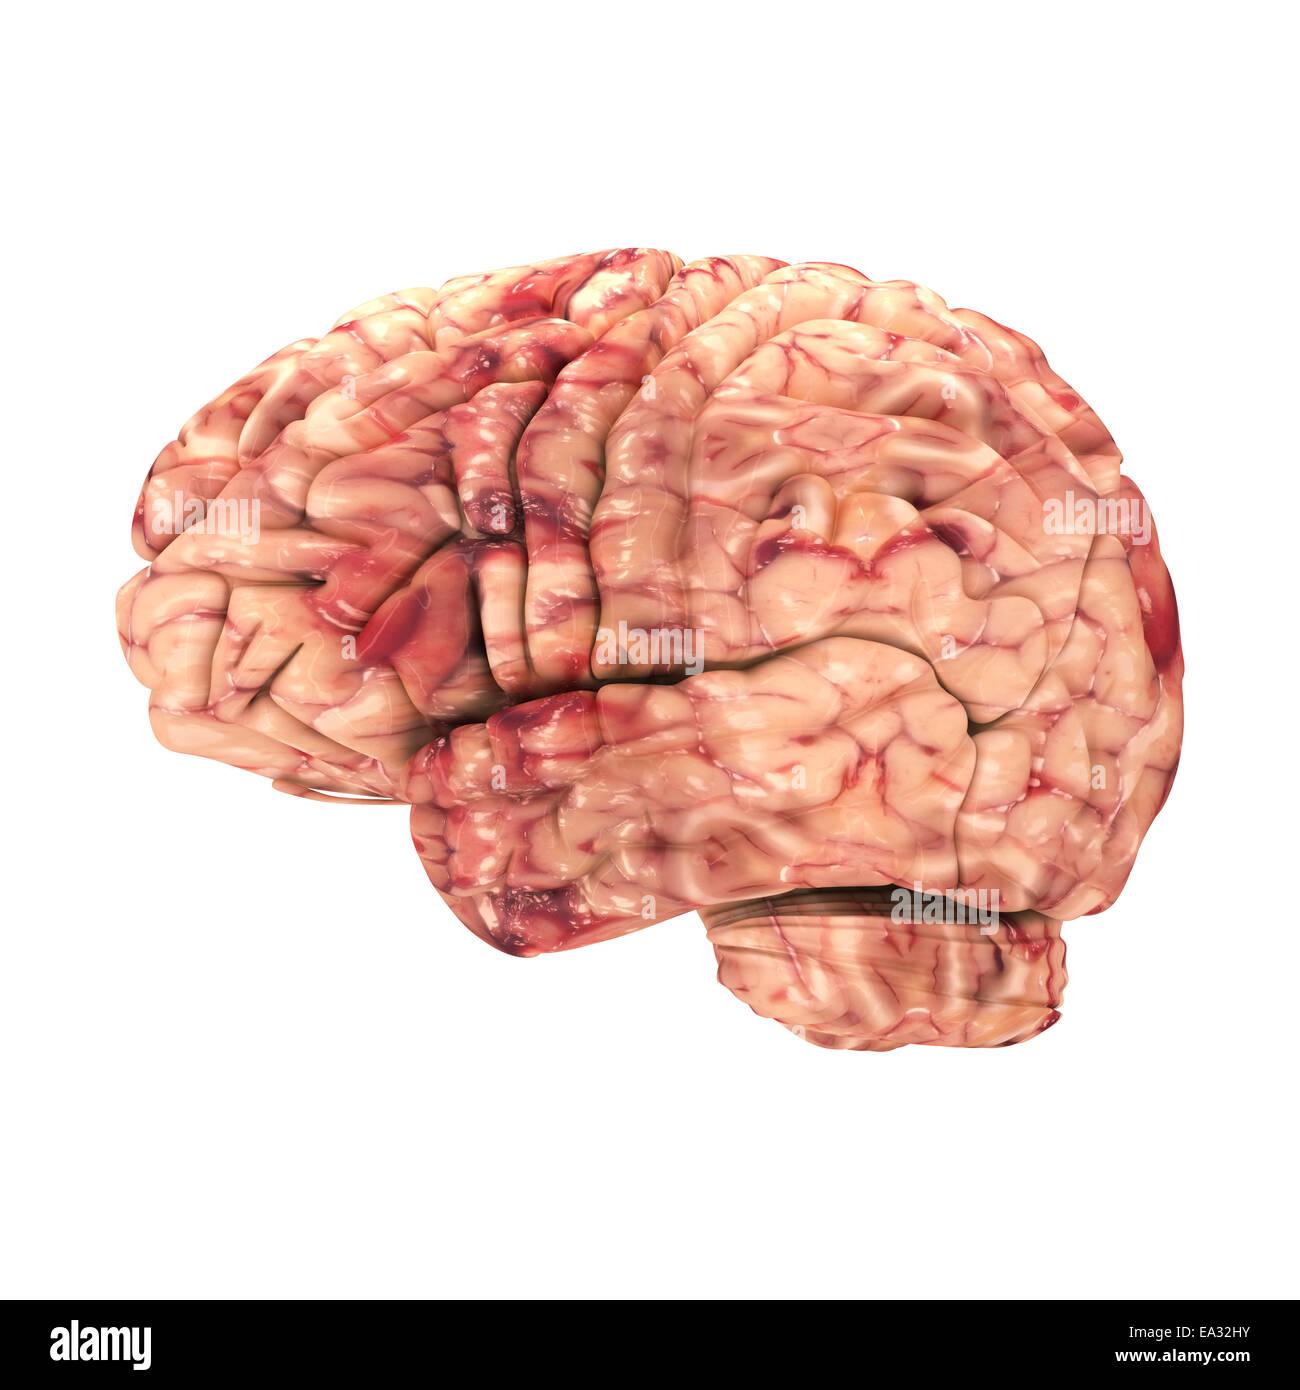 Anatomie Gehirn - Seitenansicht, Isolated on White Stockfoto, Bild ...